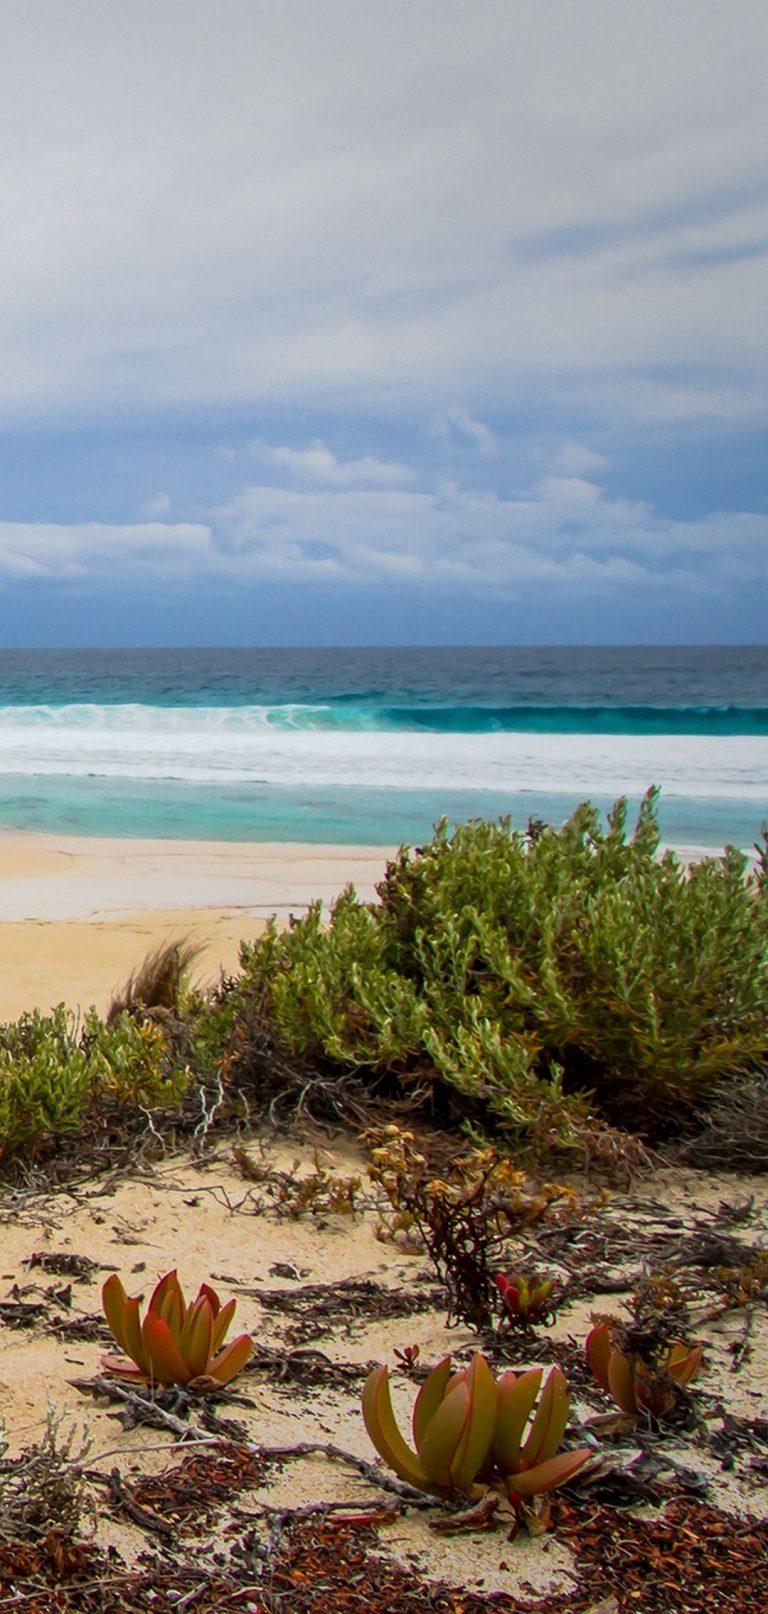 Sea Sand Beach Grass 1080x2270 768x1614